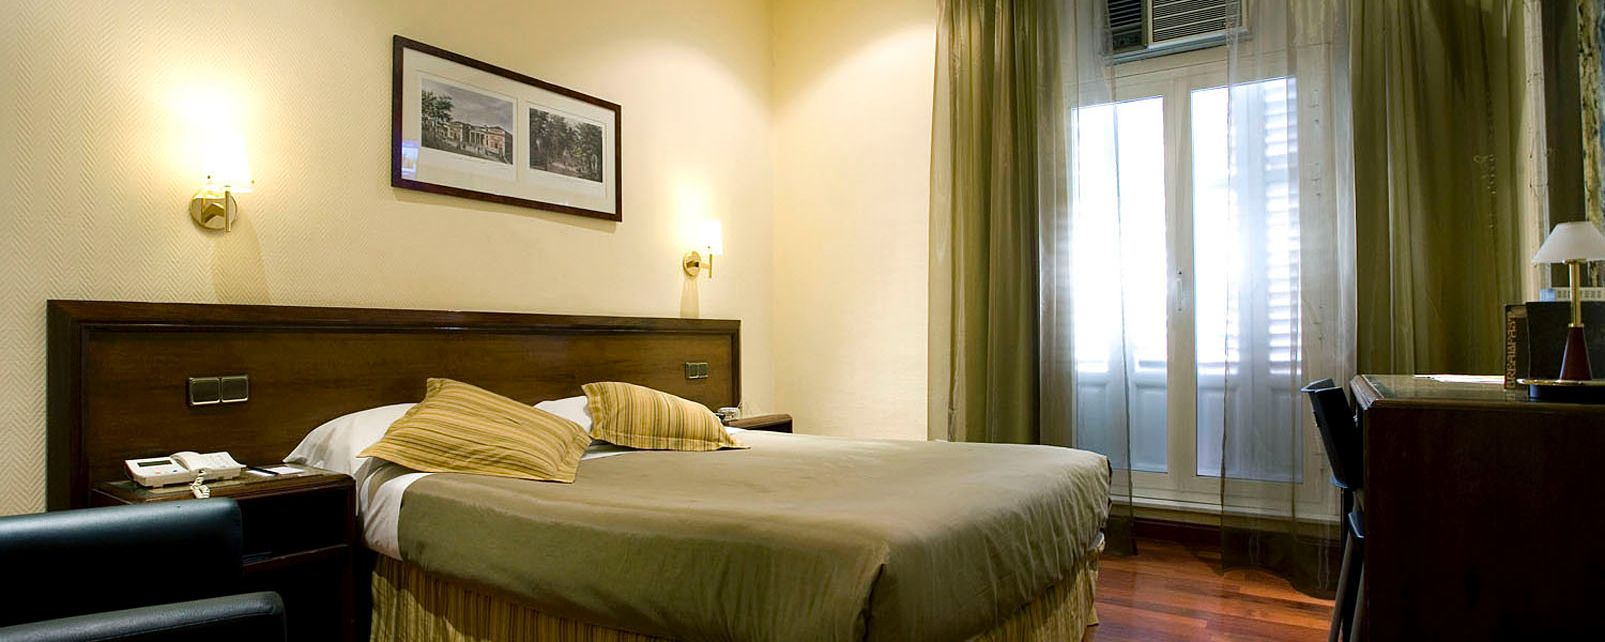 Hotel Best Western Carlos V